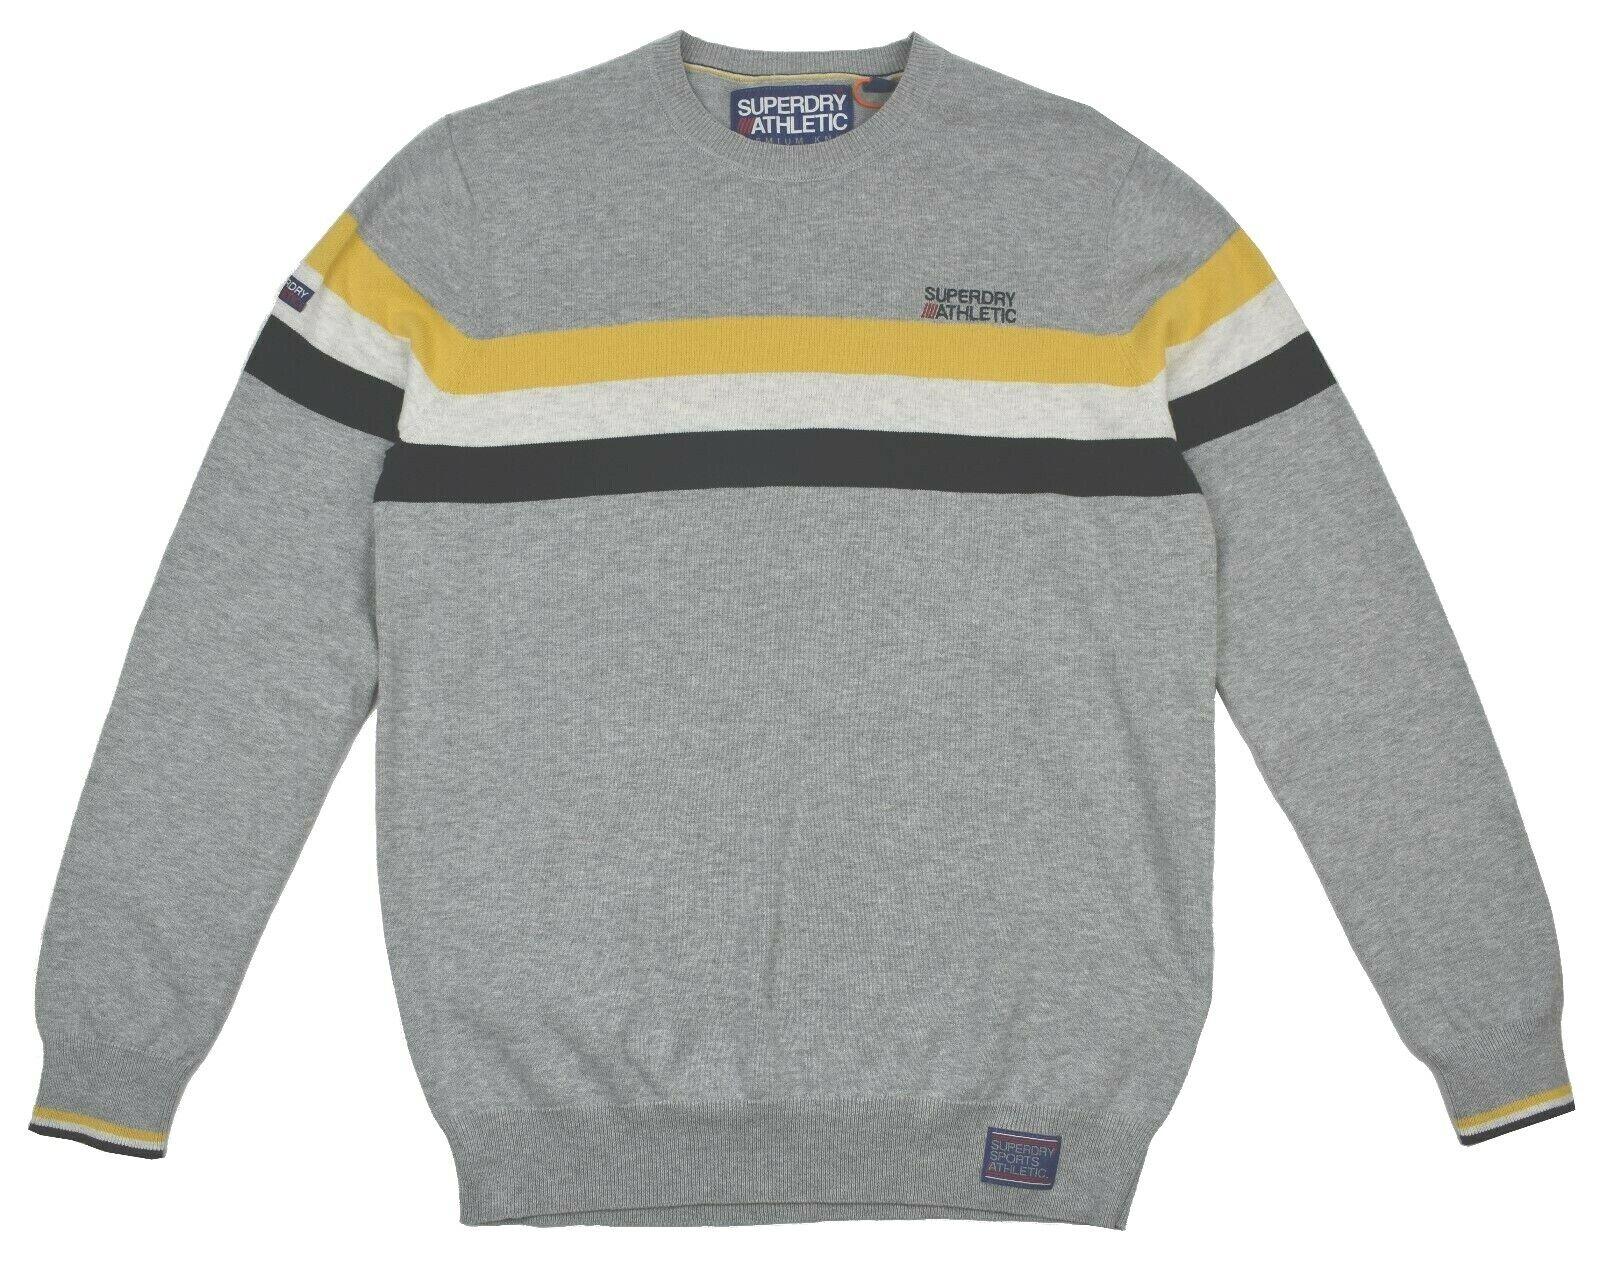 Superdry Athletic Tour Crew Herren Pullover Grau Baumwolle M 48 48 48 L 50 XL 52 | Exquisite Verarbeitung  5fc921